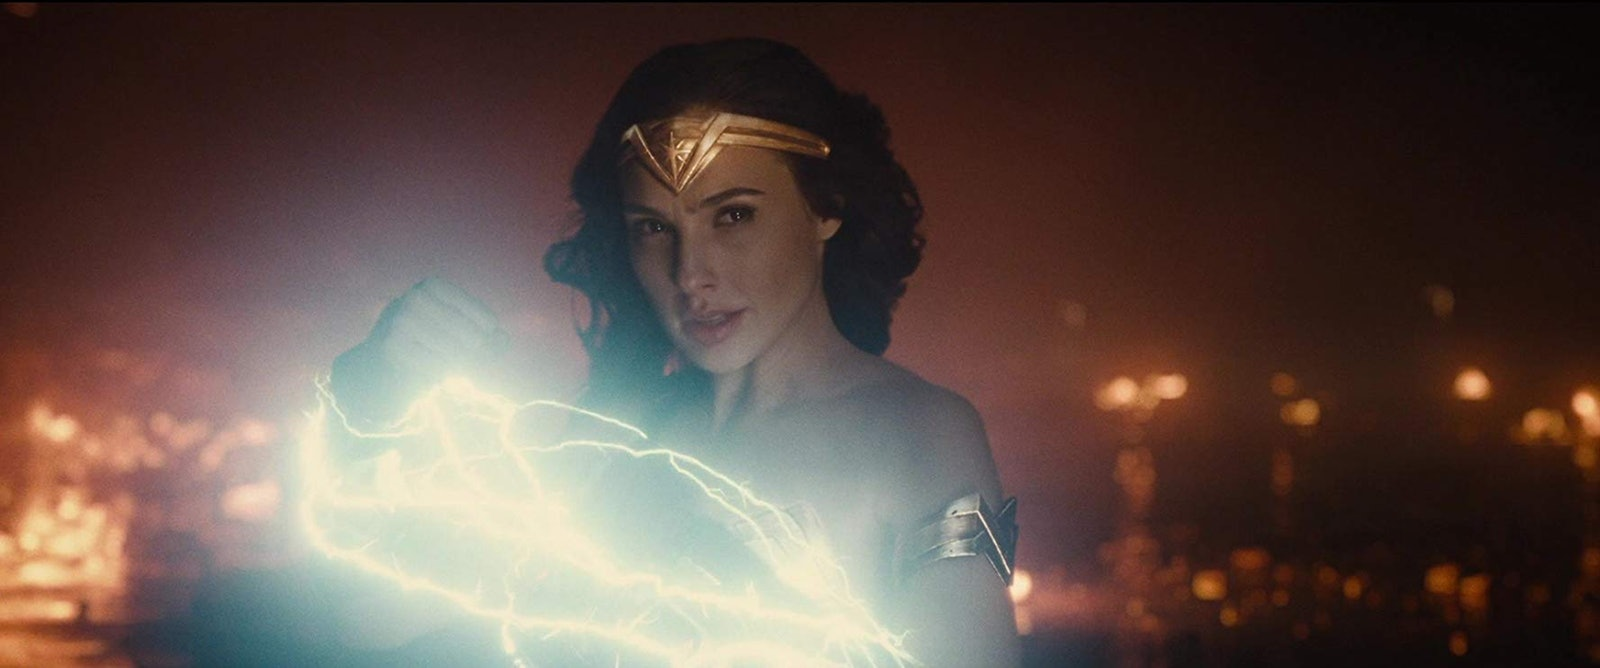 《神力女超人》强势回归!续集预告「惊喜曝光」 盖儿加朵「超仙模样」引热议 - 宅男异界